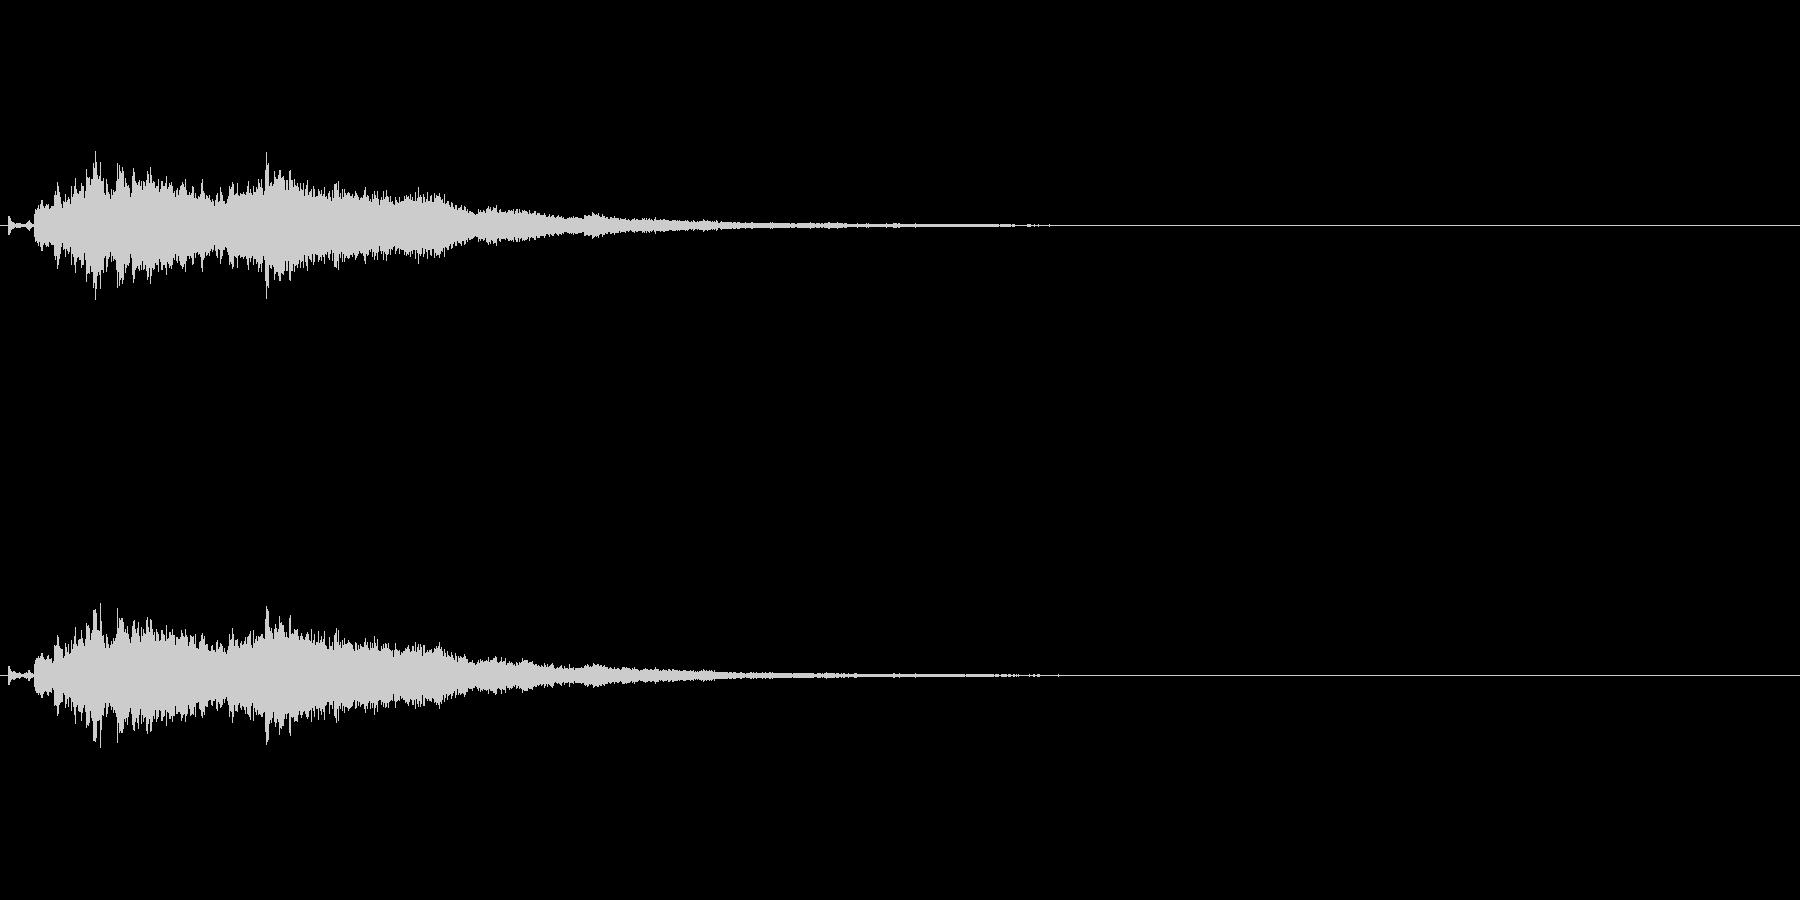 オリジナルの効果音_キラーンの未再生の波形